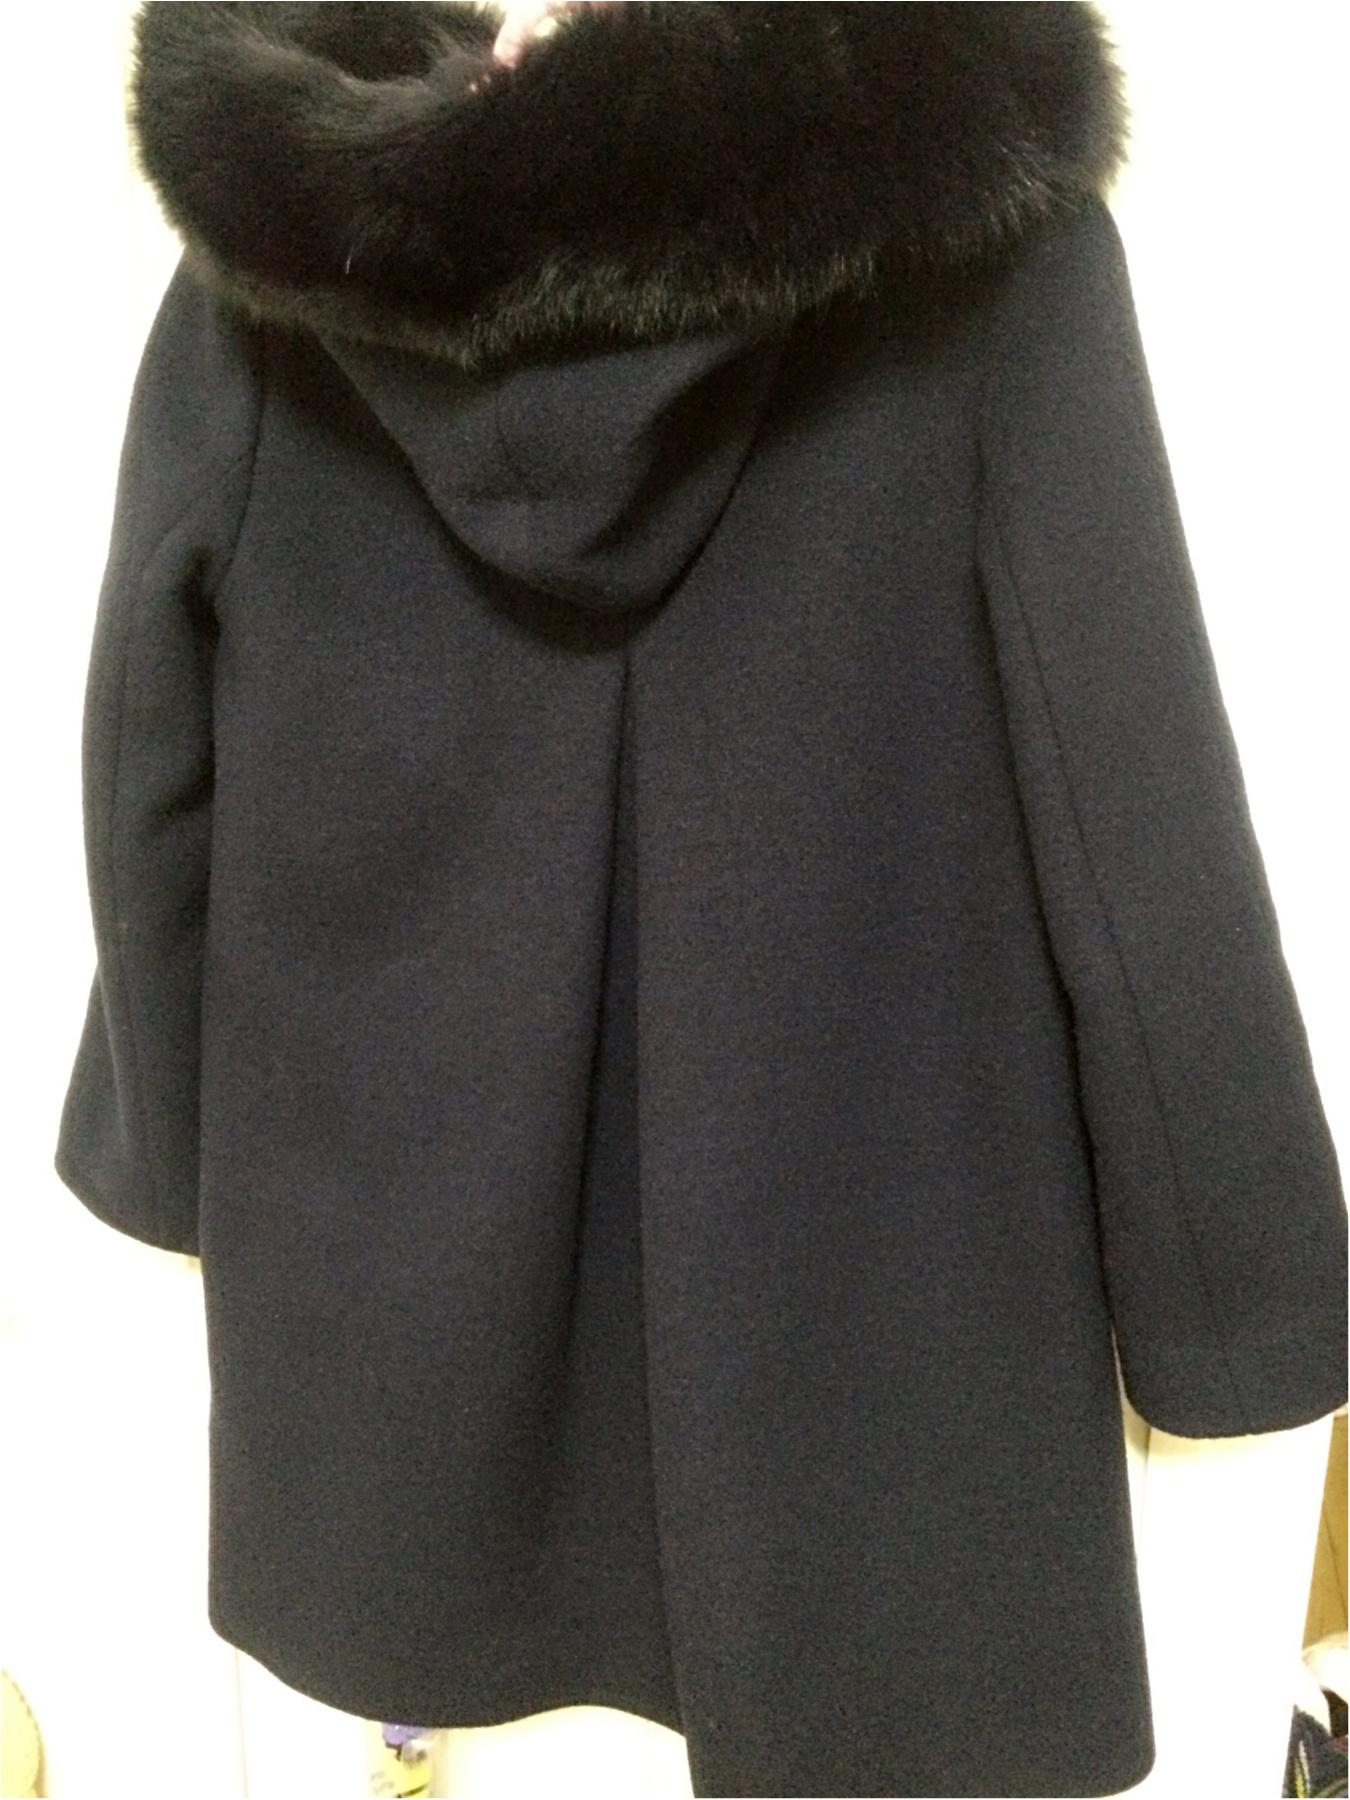 今年の冬コートはREDY AZELに決まり!♡超便利な5wayコート!_3